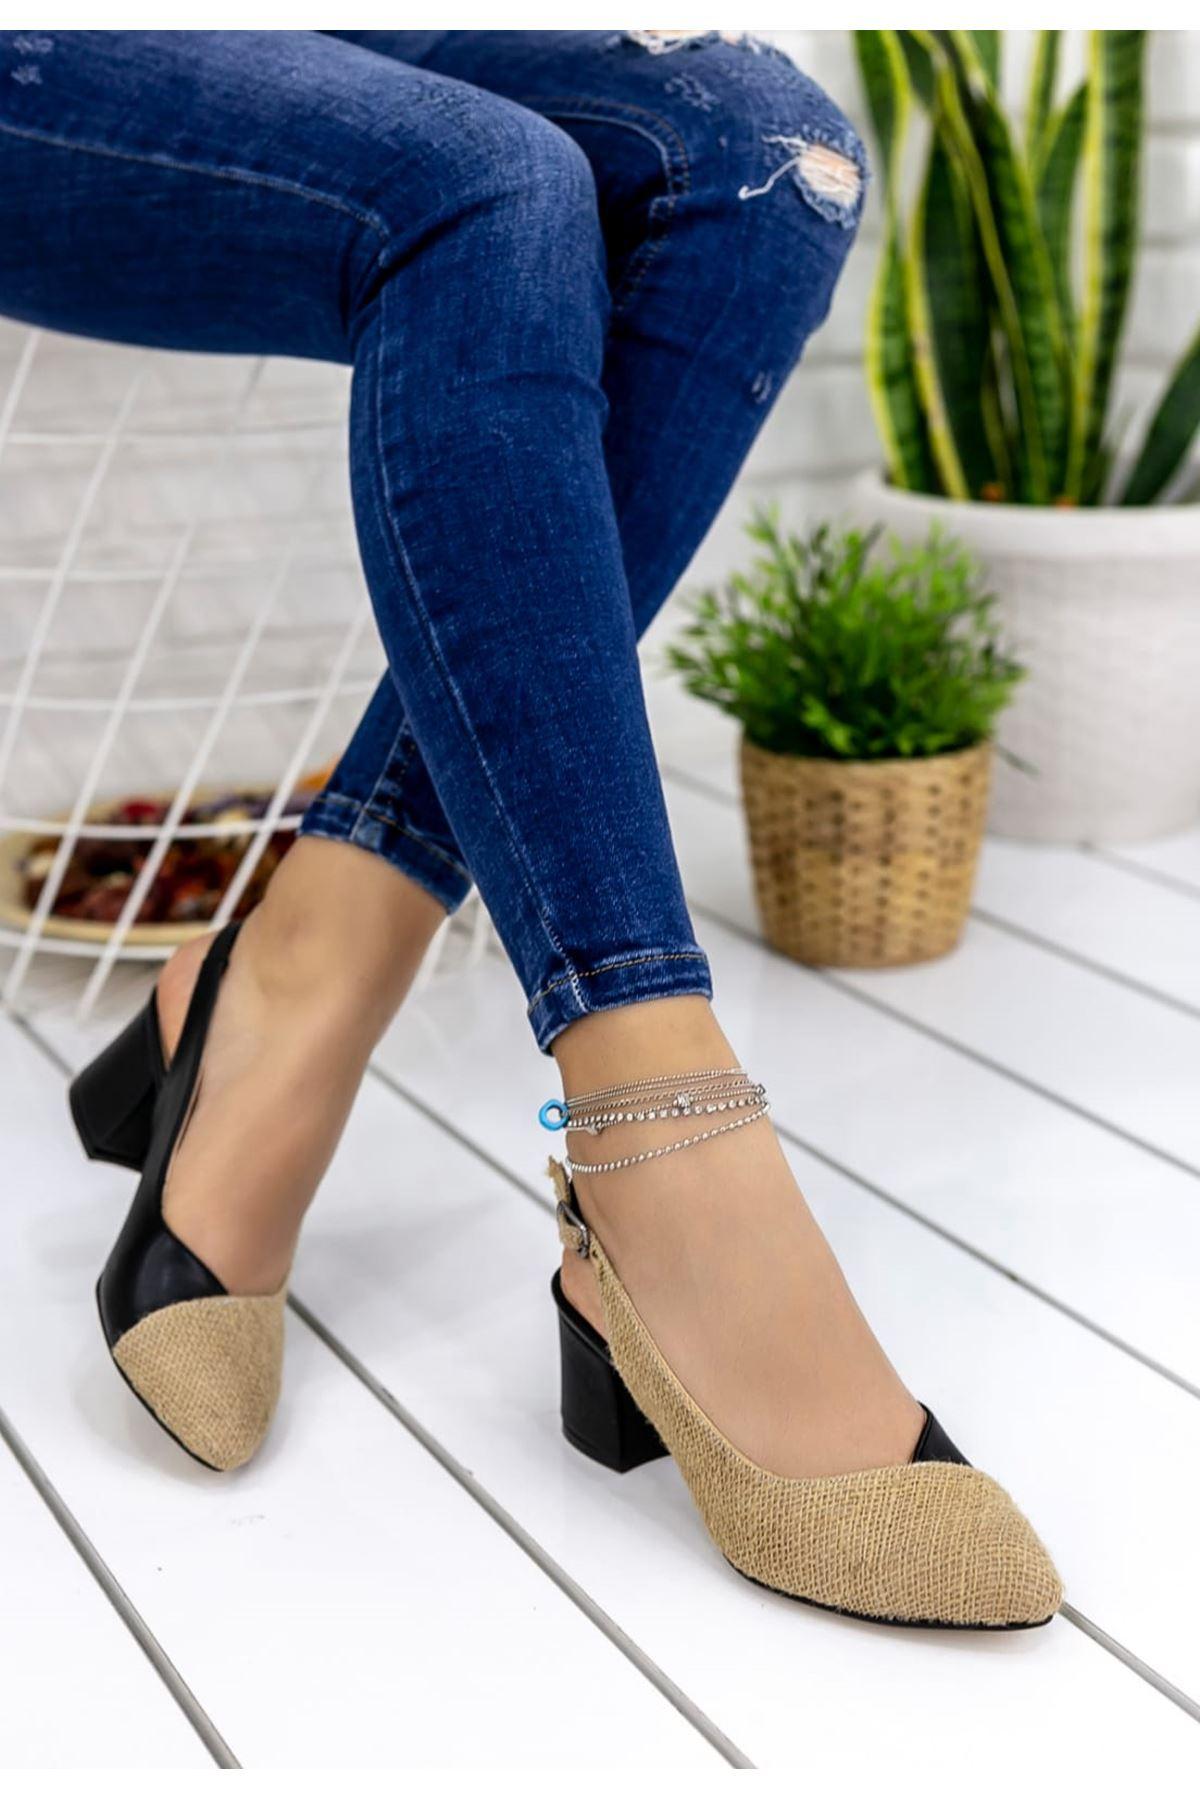 Diana Hasır Detay Sivri Burun Ayakkabı Siyah